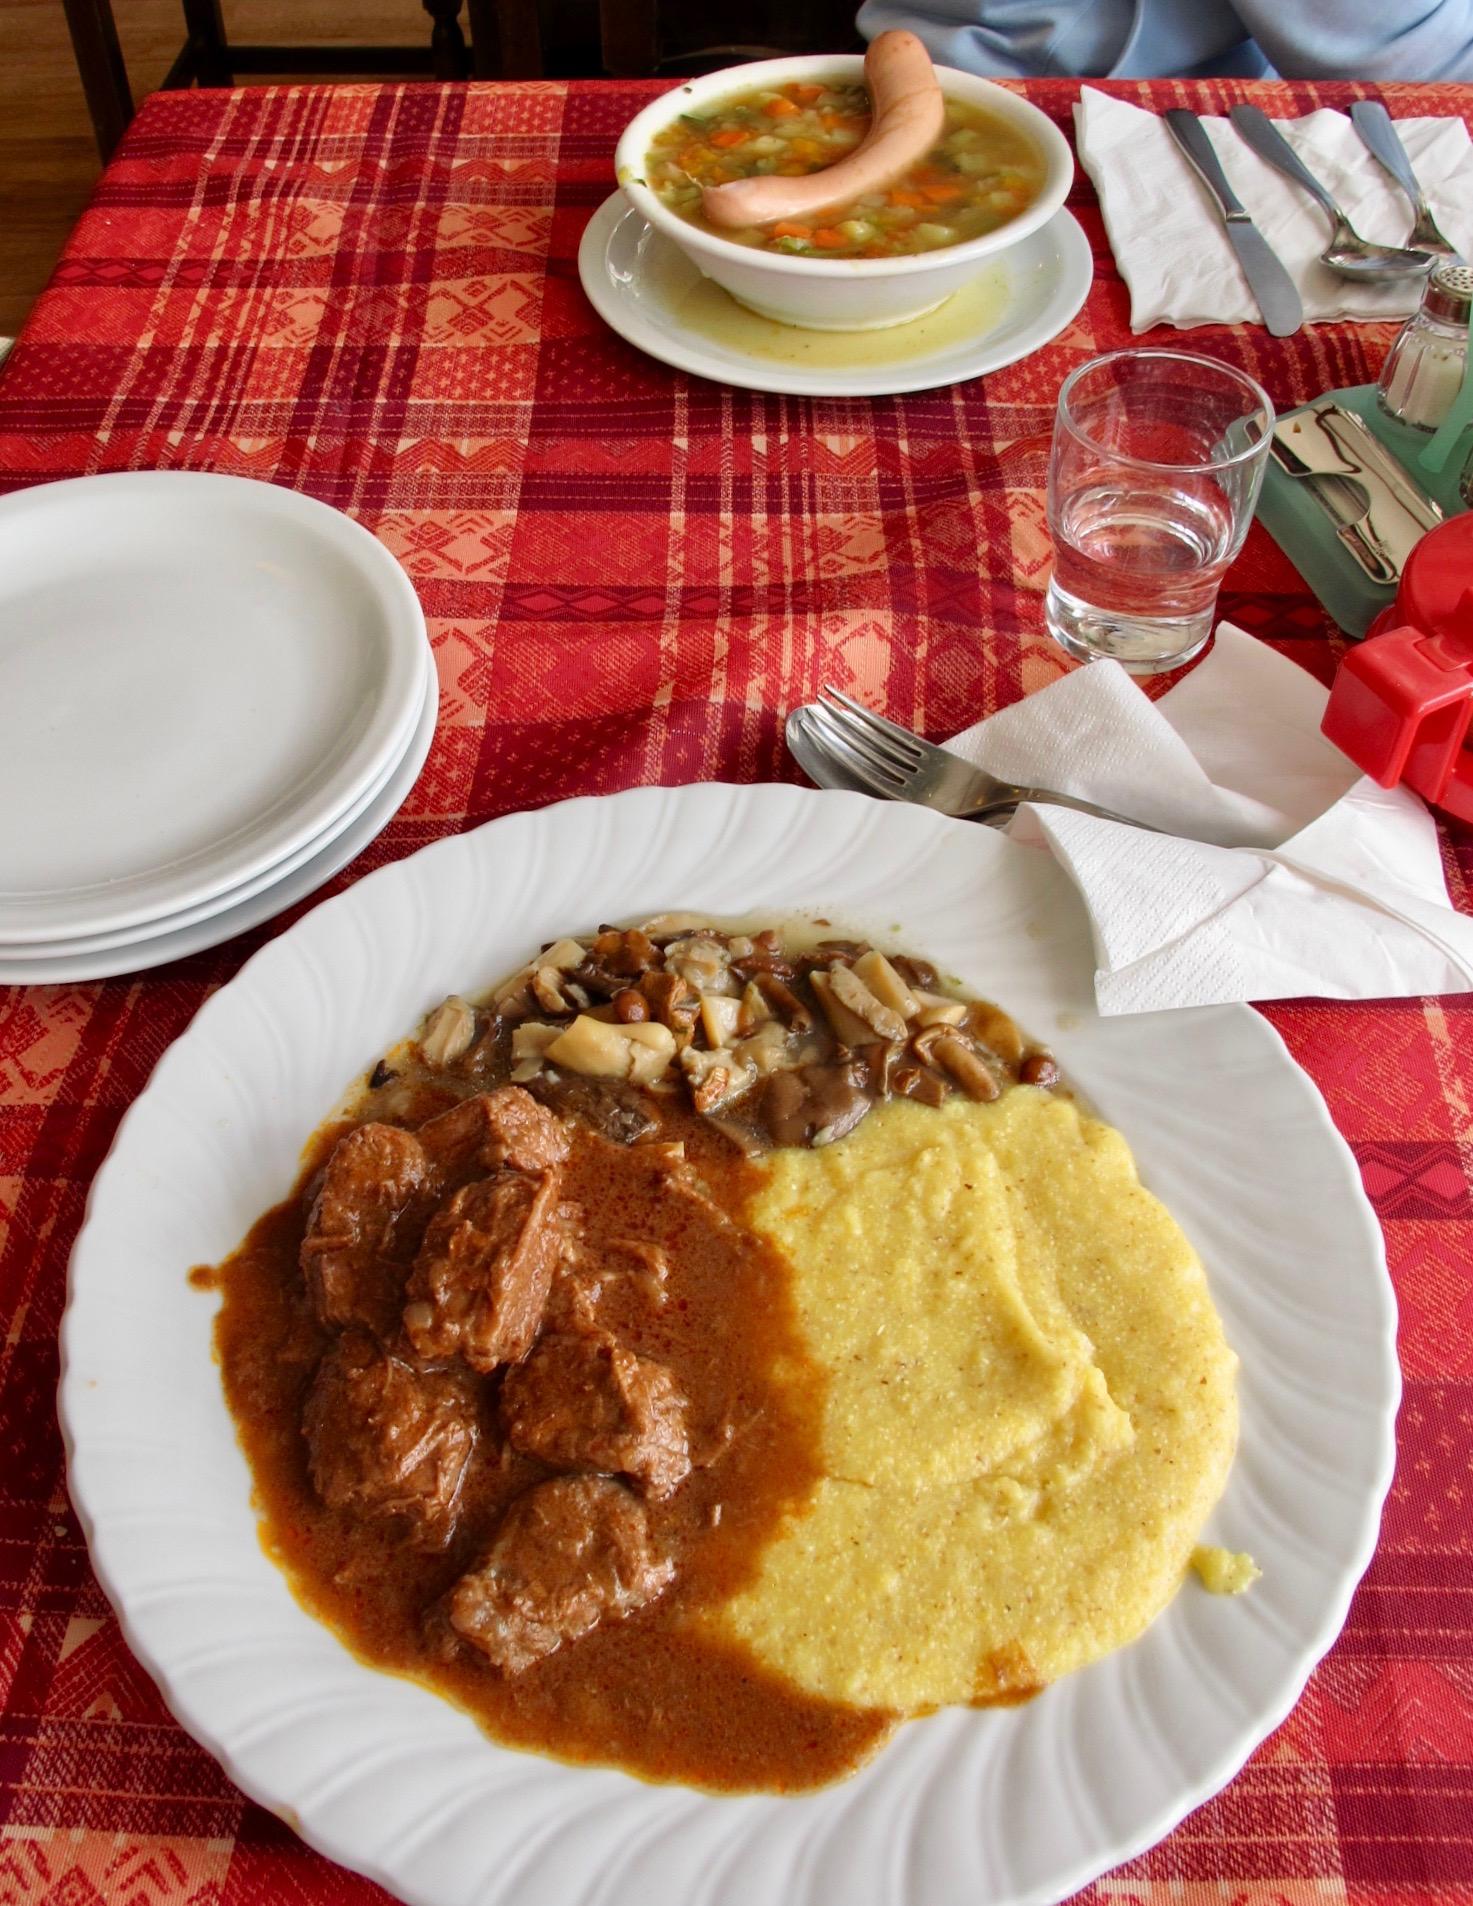 地域の食文化がよくわかる山小屋のシンプルな料理(サッソルンゴ、ドロミテ)